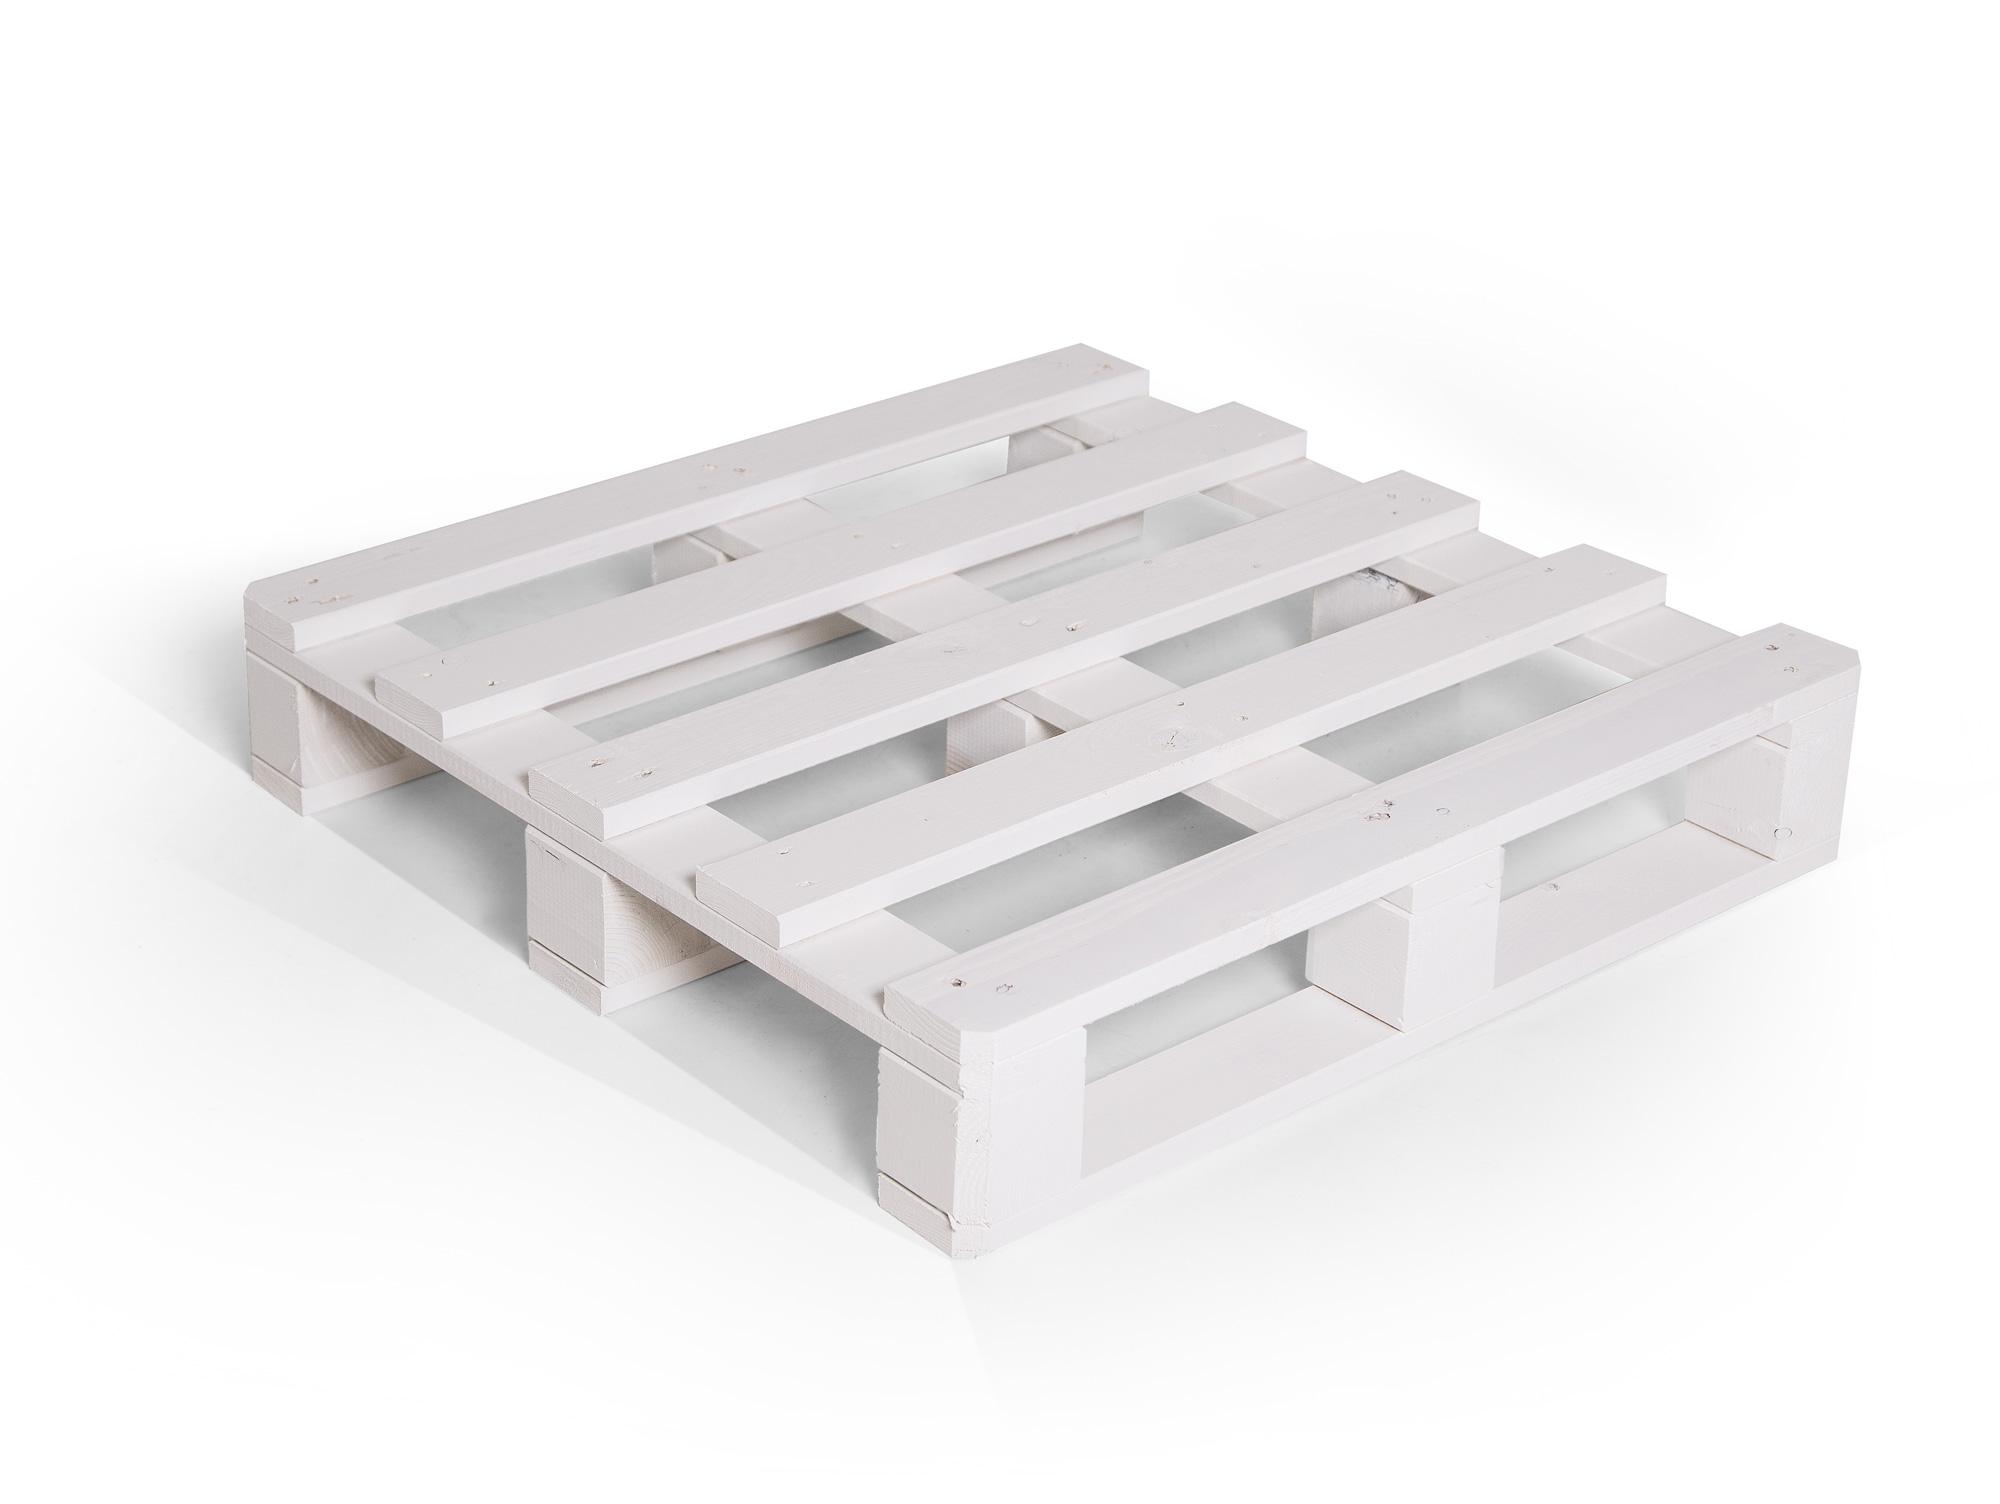 outdoor paletti ecksofa europaletten weiss mit wasserfesten polstern. Black Bedroom Furniture Sets. Home Design Ideas